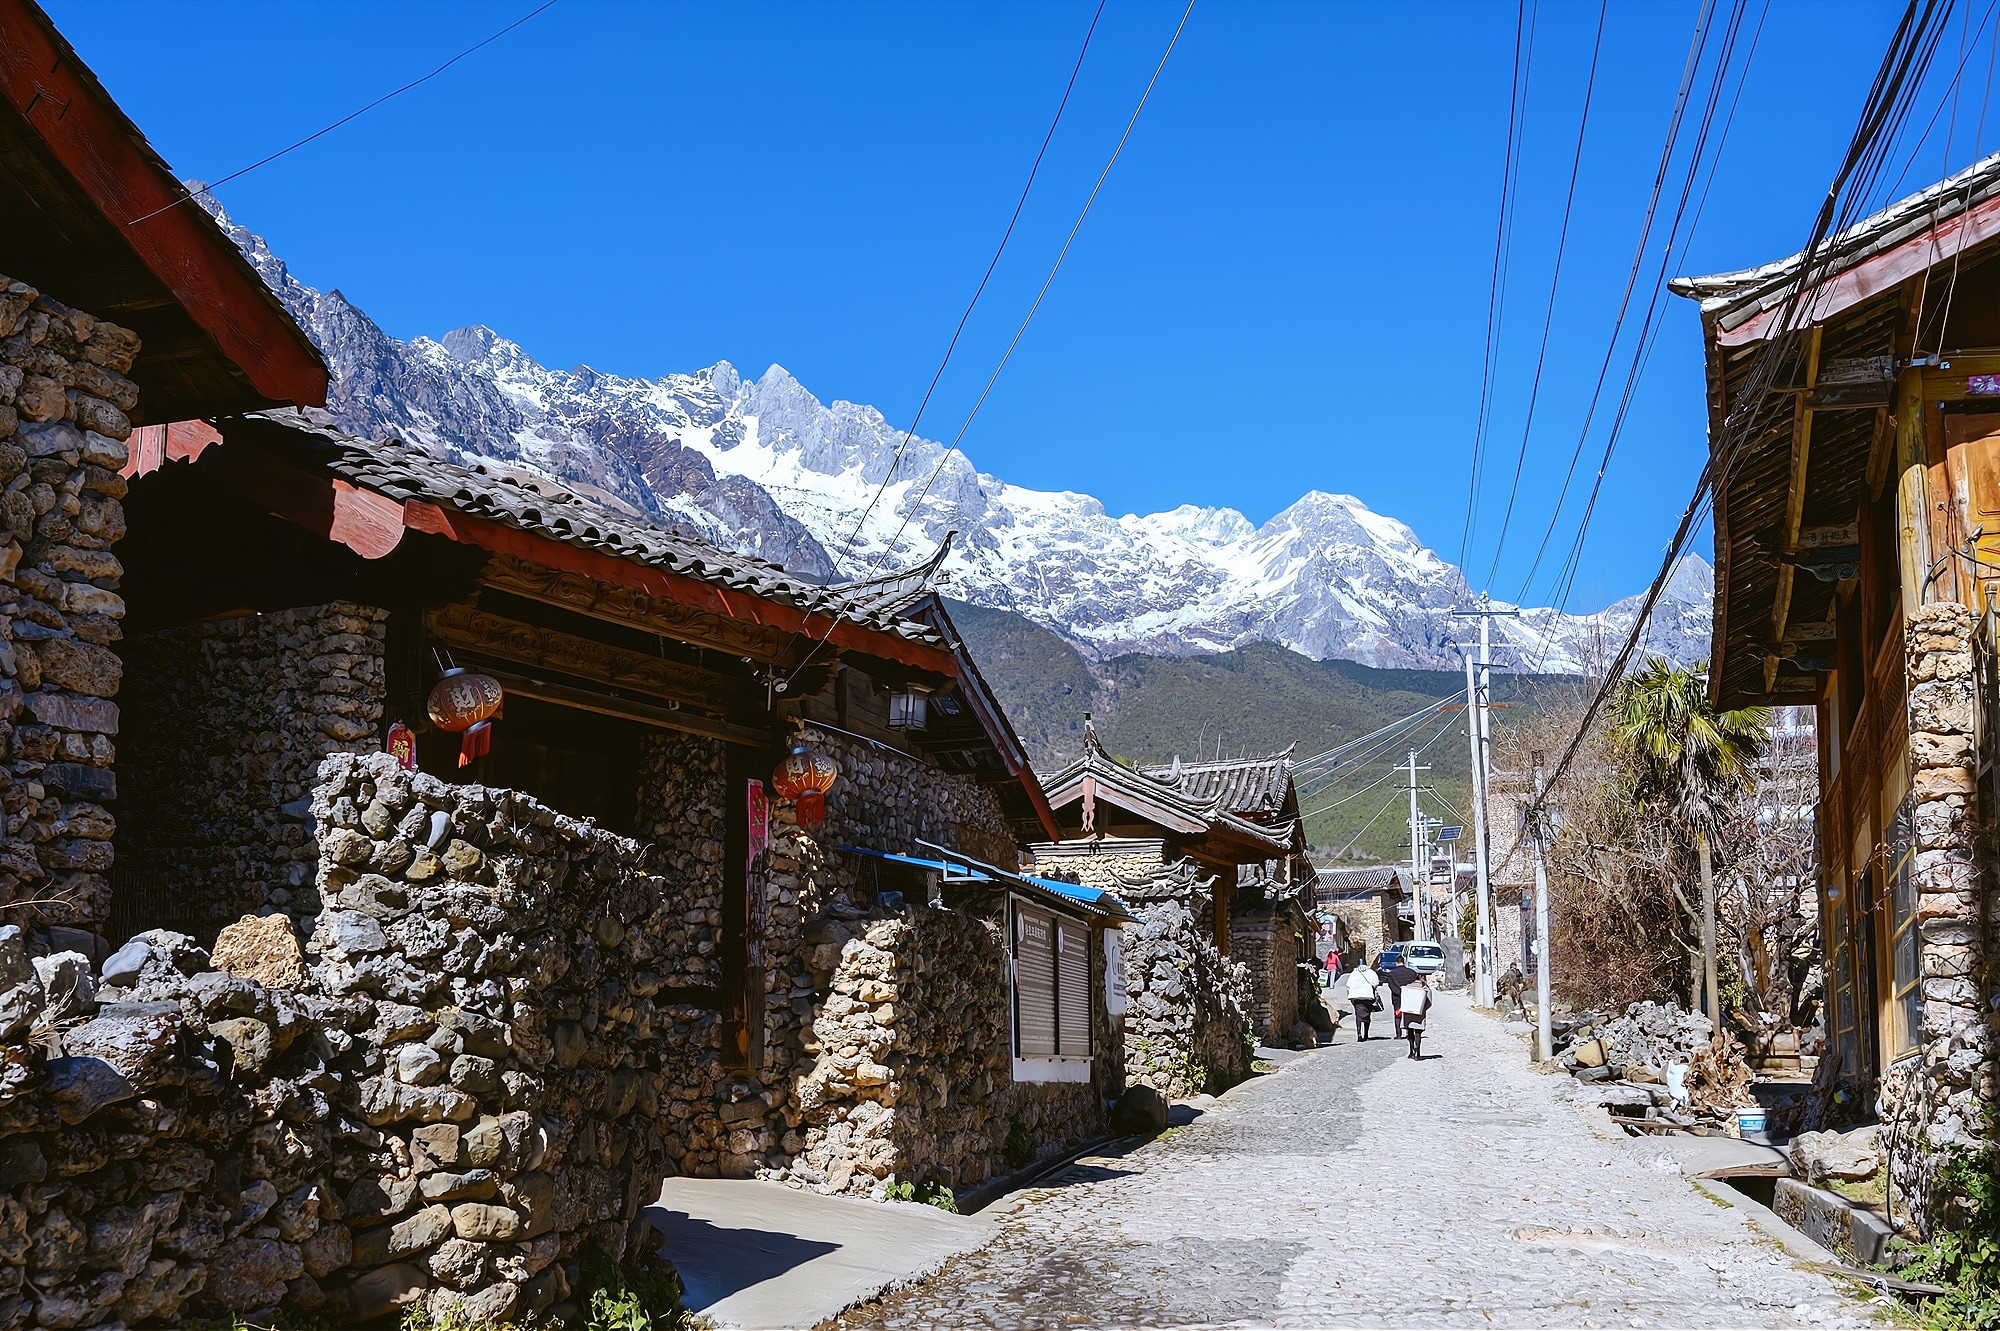 """玉龙雪山脚下有个古村,被誉为""""玉龙山下第一村"""",美如人间仙境"""